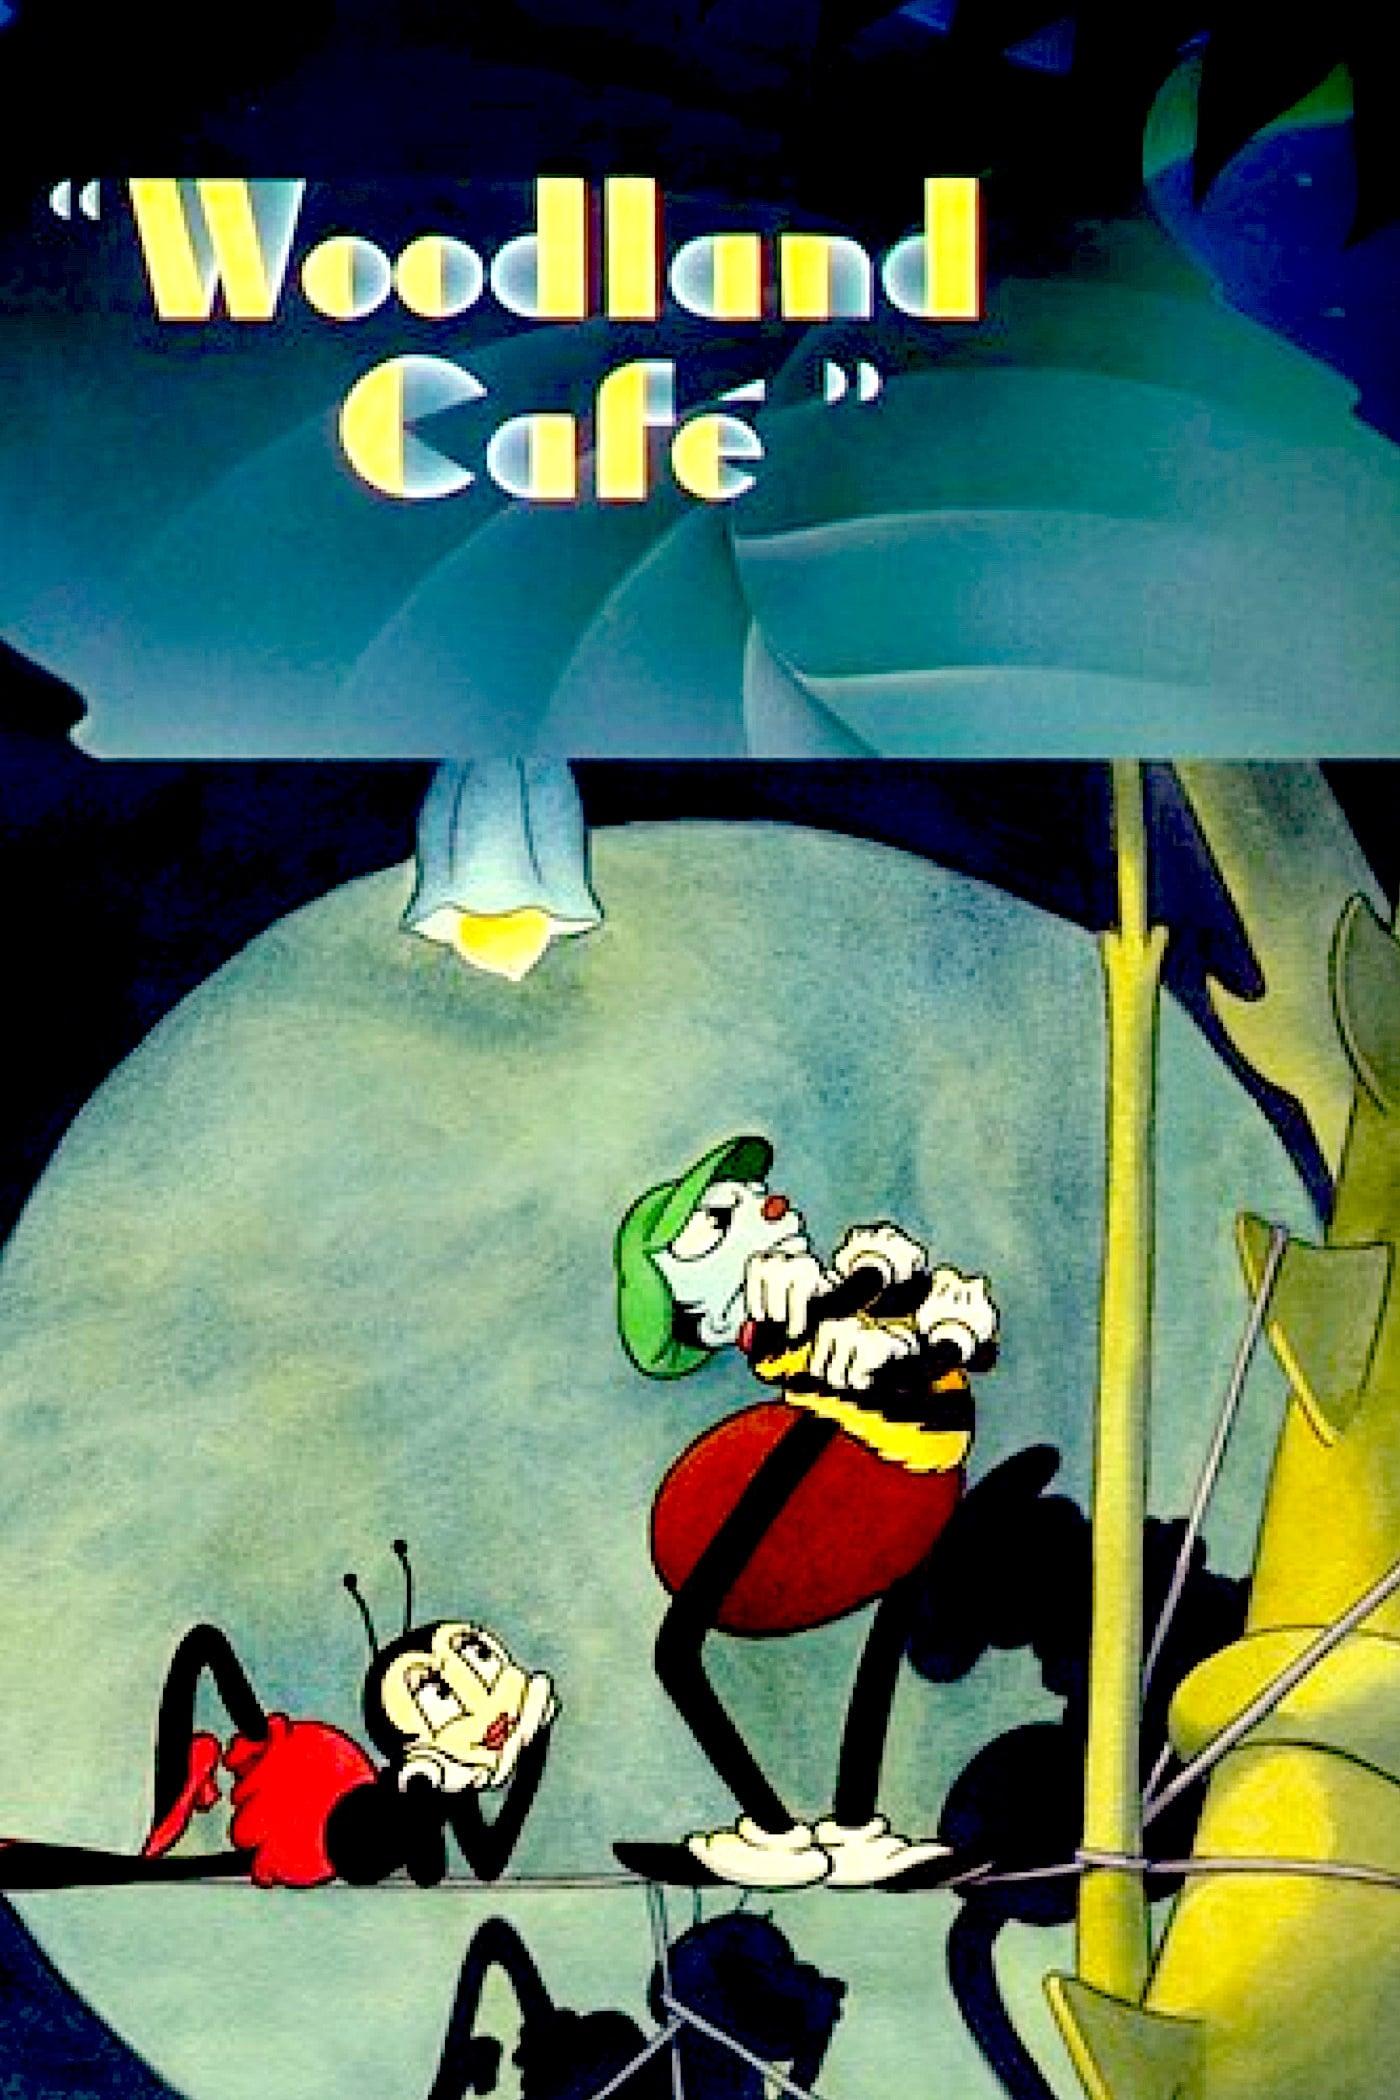 Woodland Café (1937)